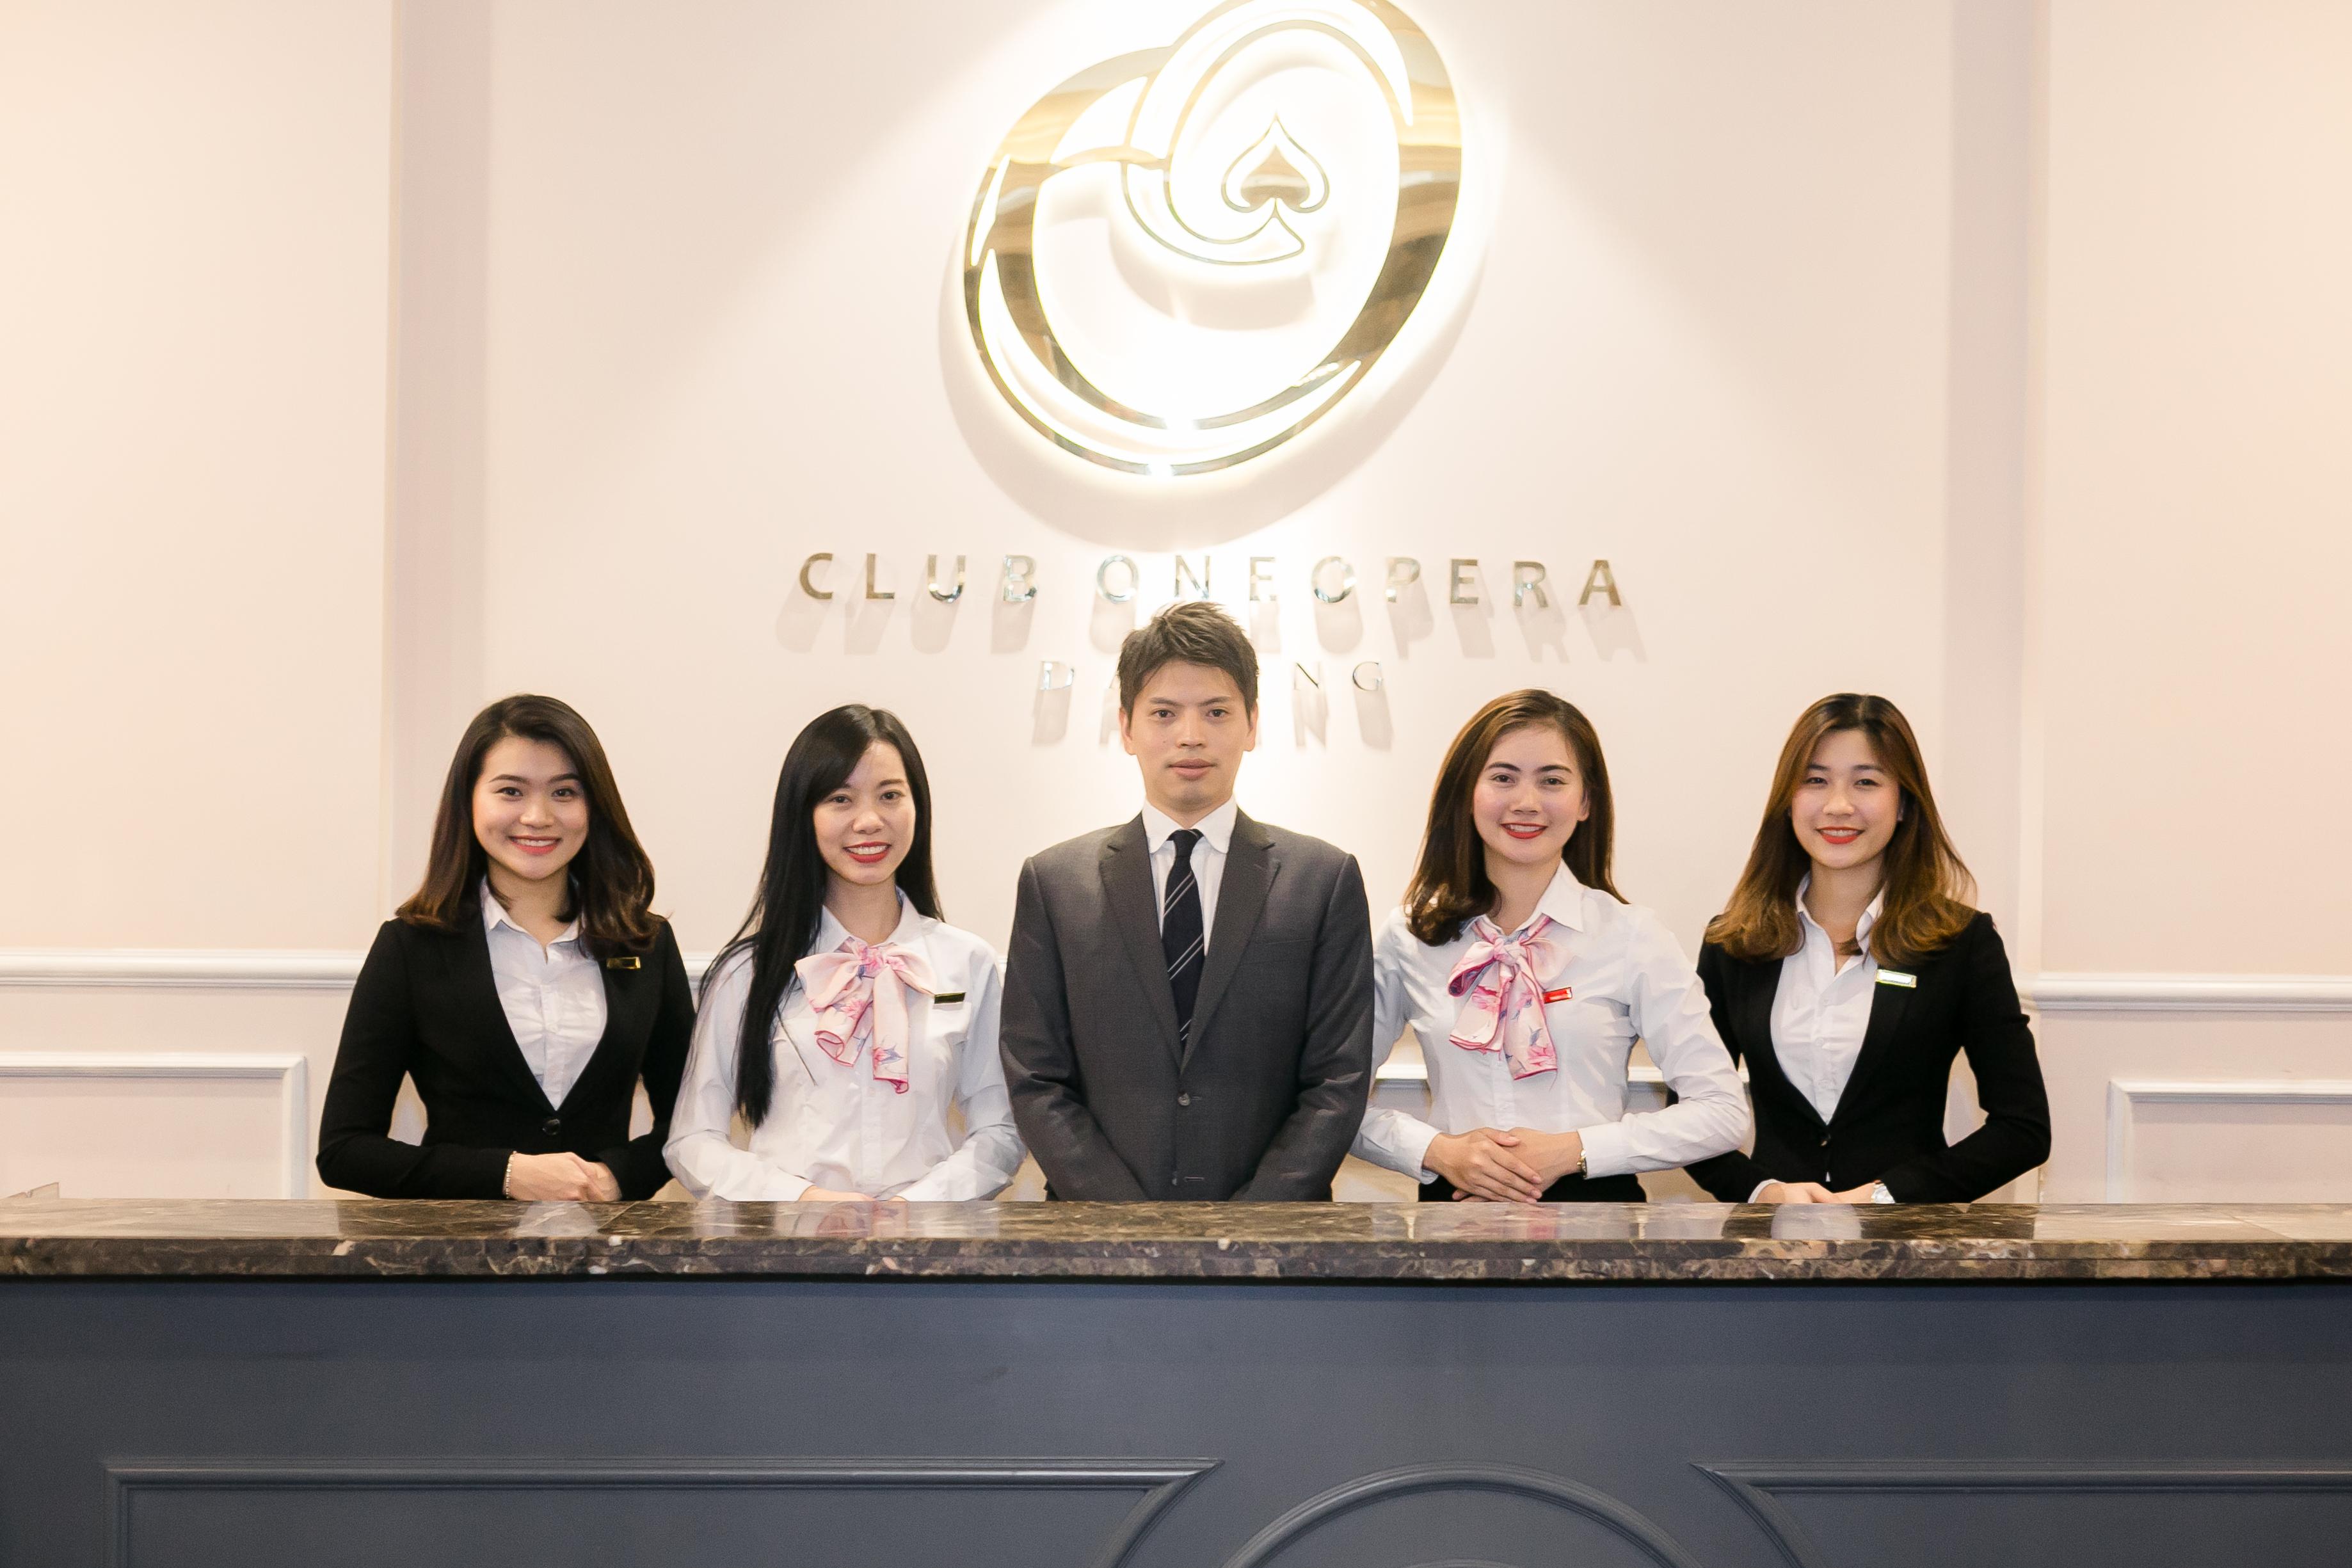 ダナンでおすすめのカジノ【Club One Opera】から5月限定イベントのお知らせ!